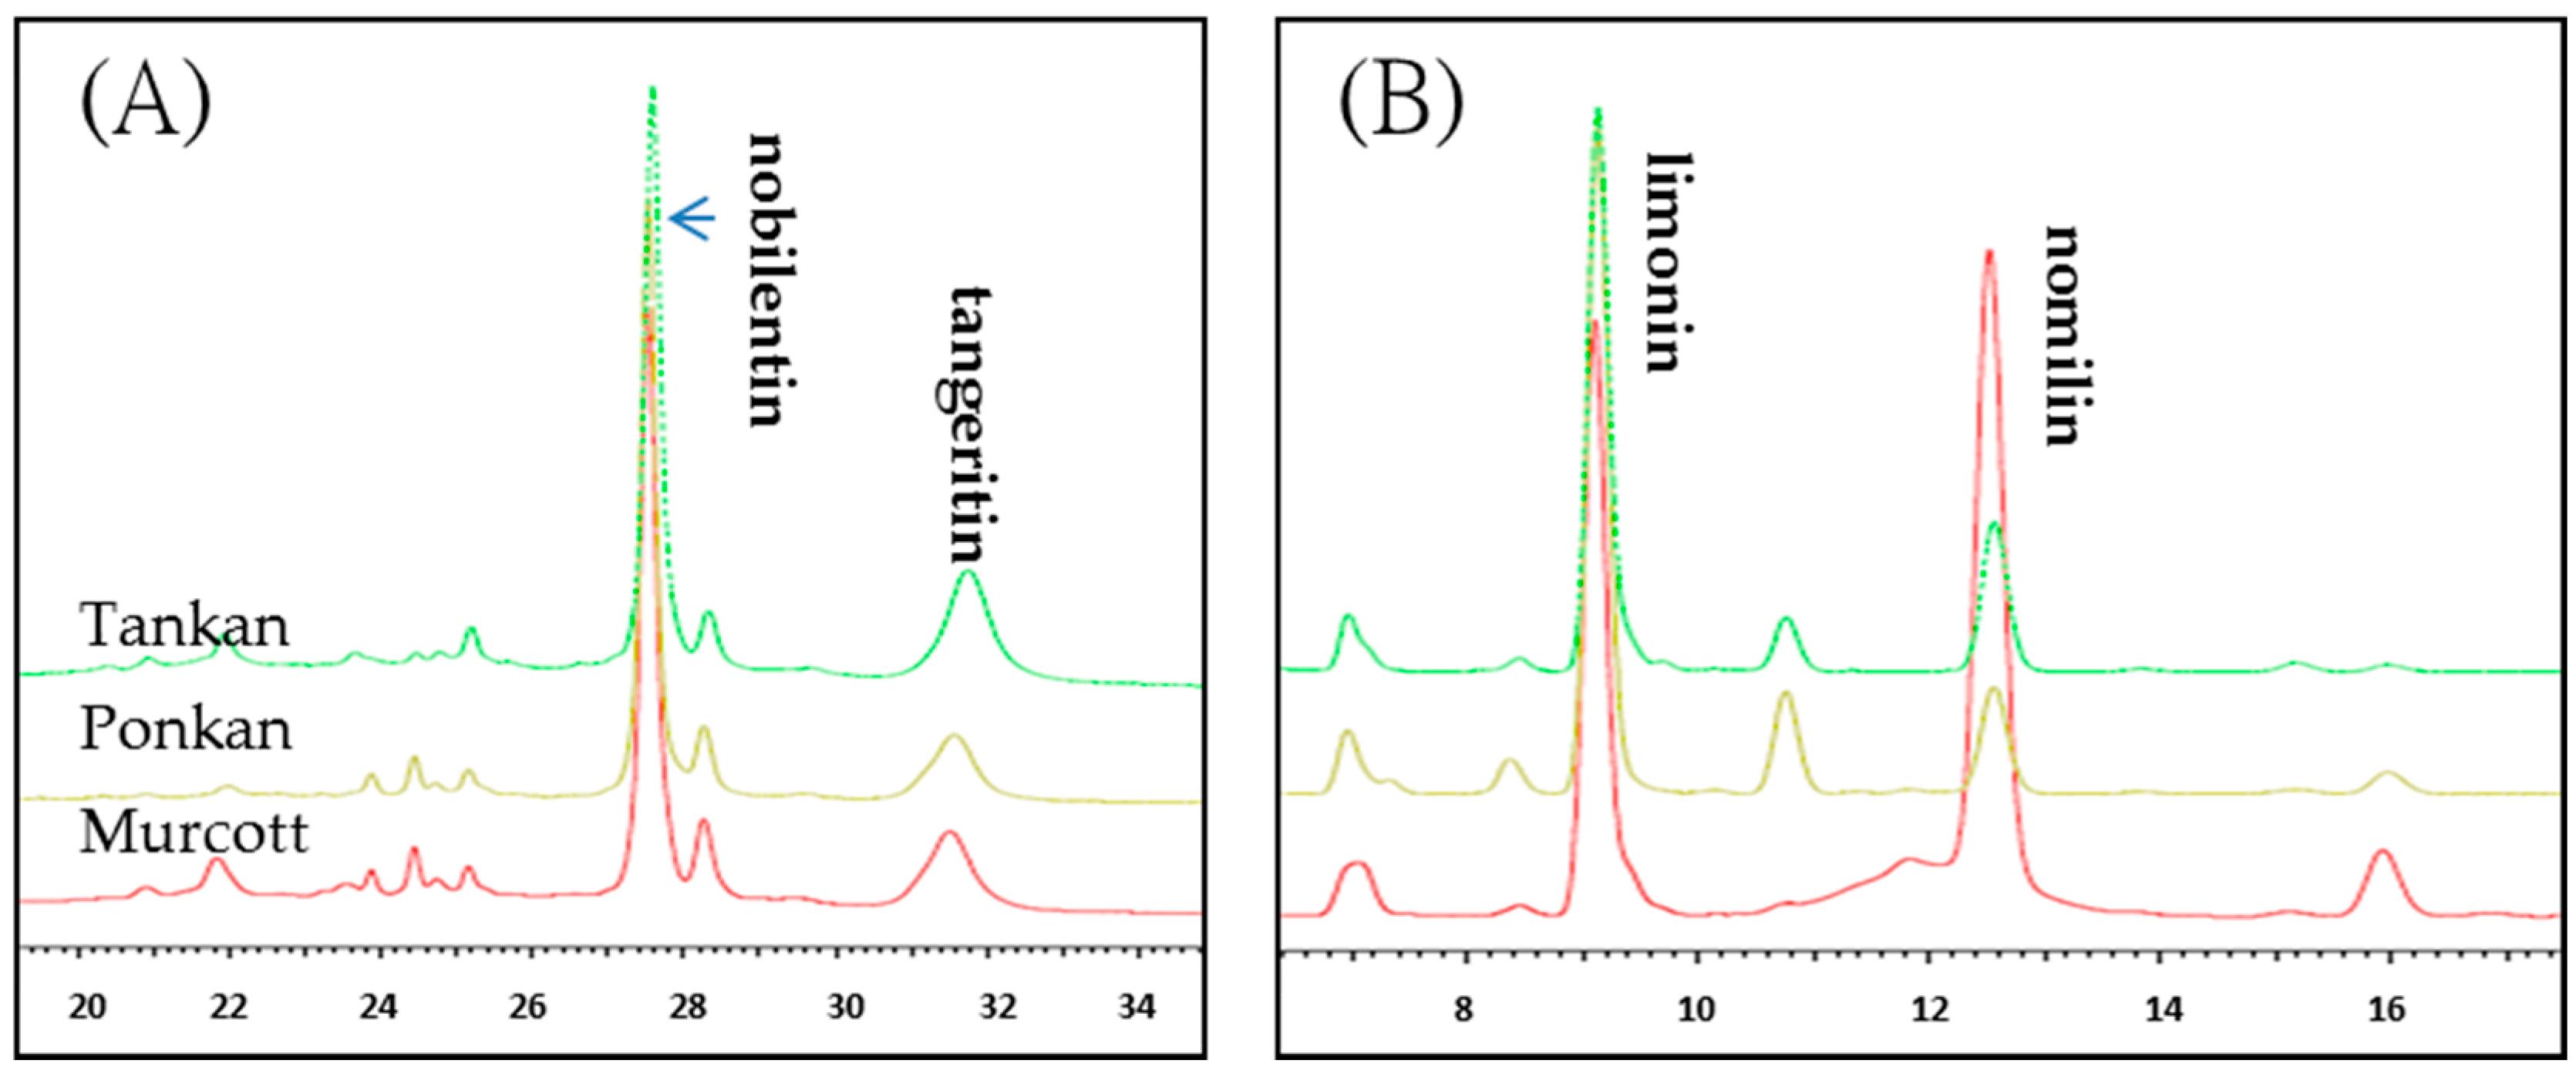 A dugo kicselezese 98 - Molecules 21 01735 G001